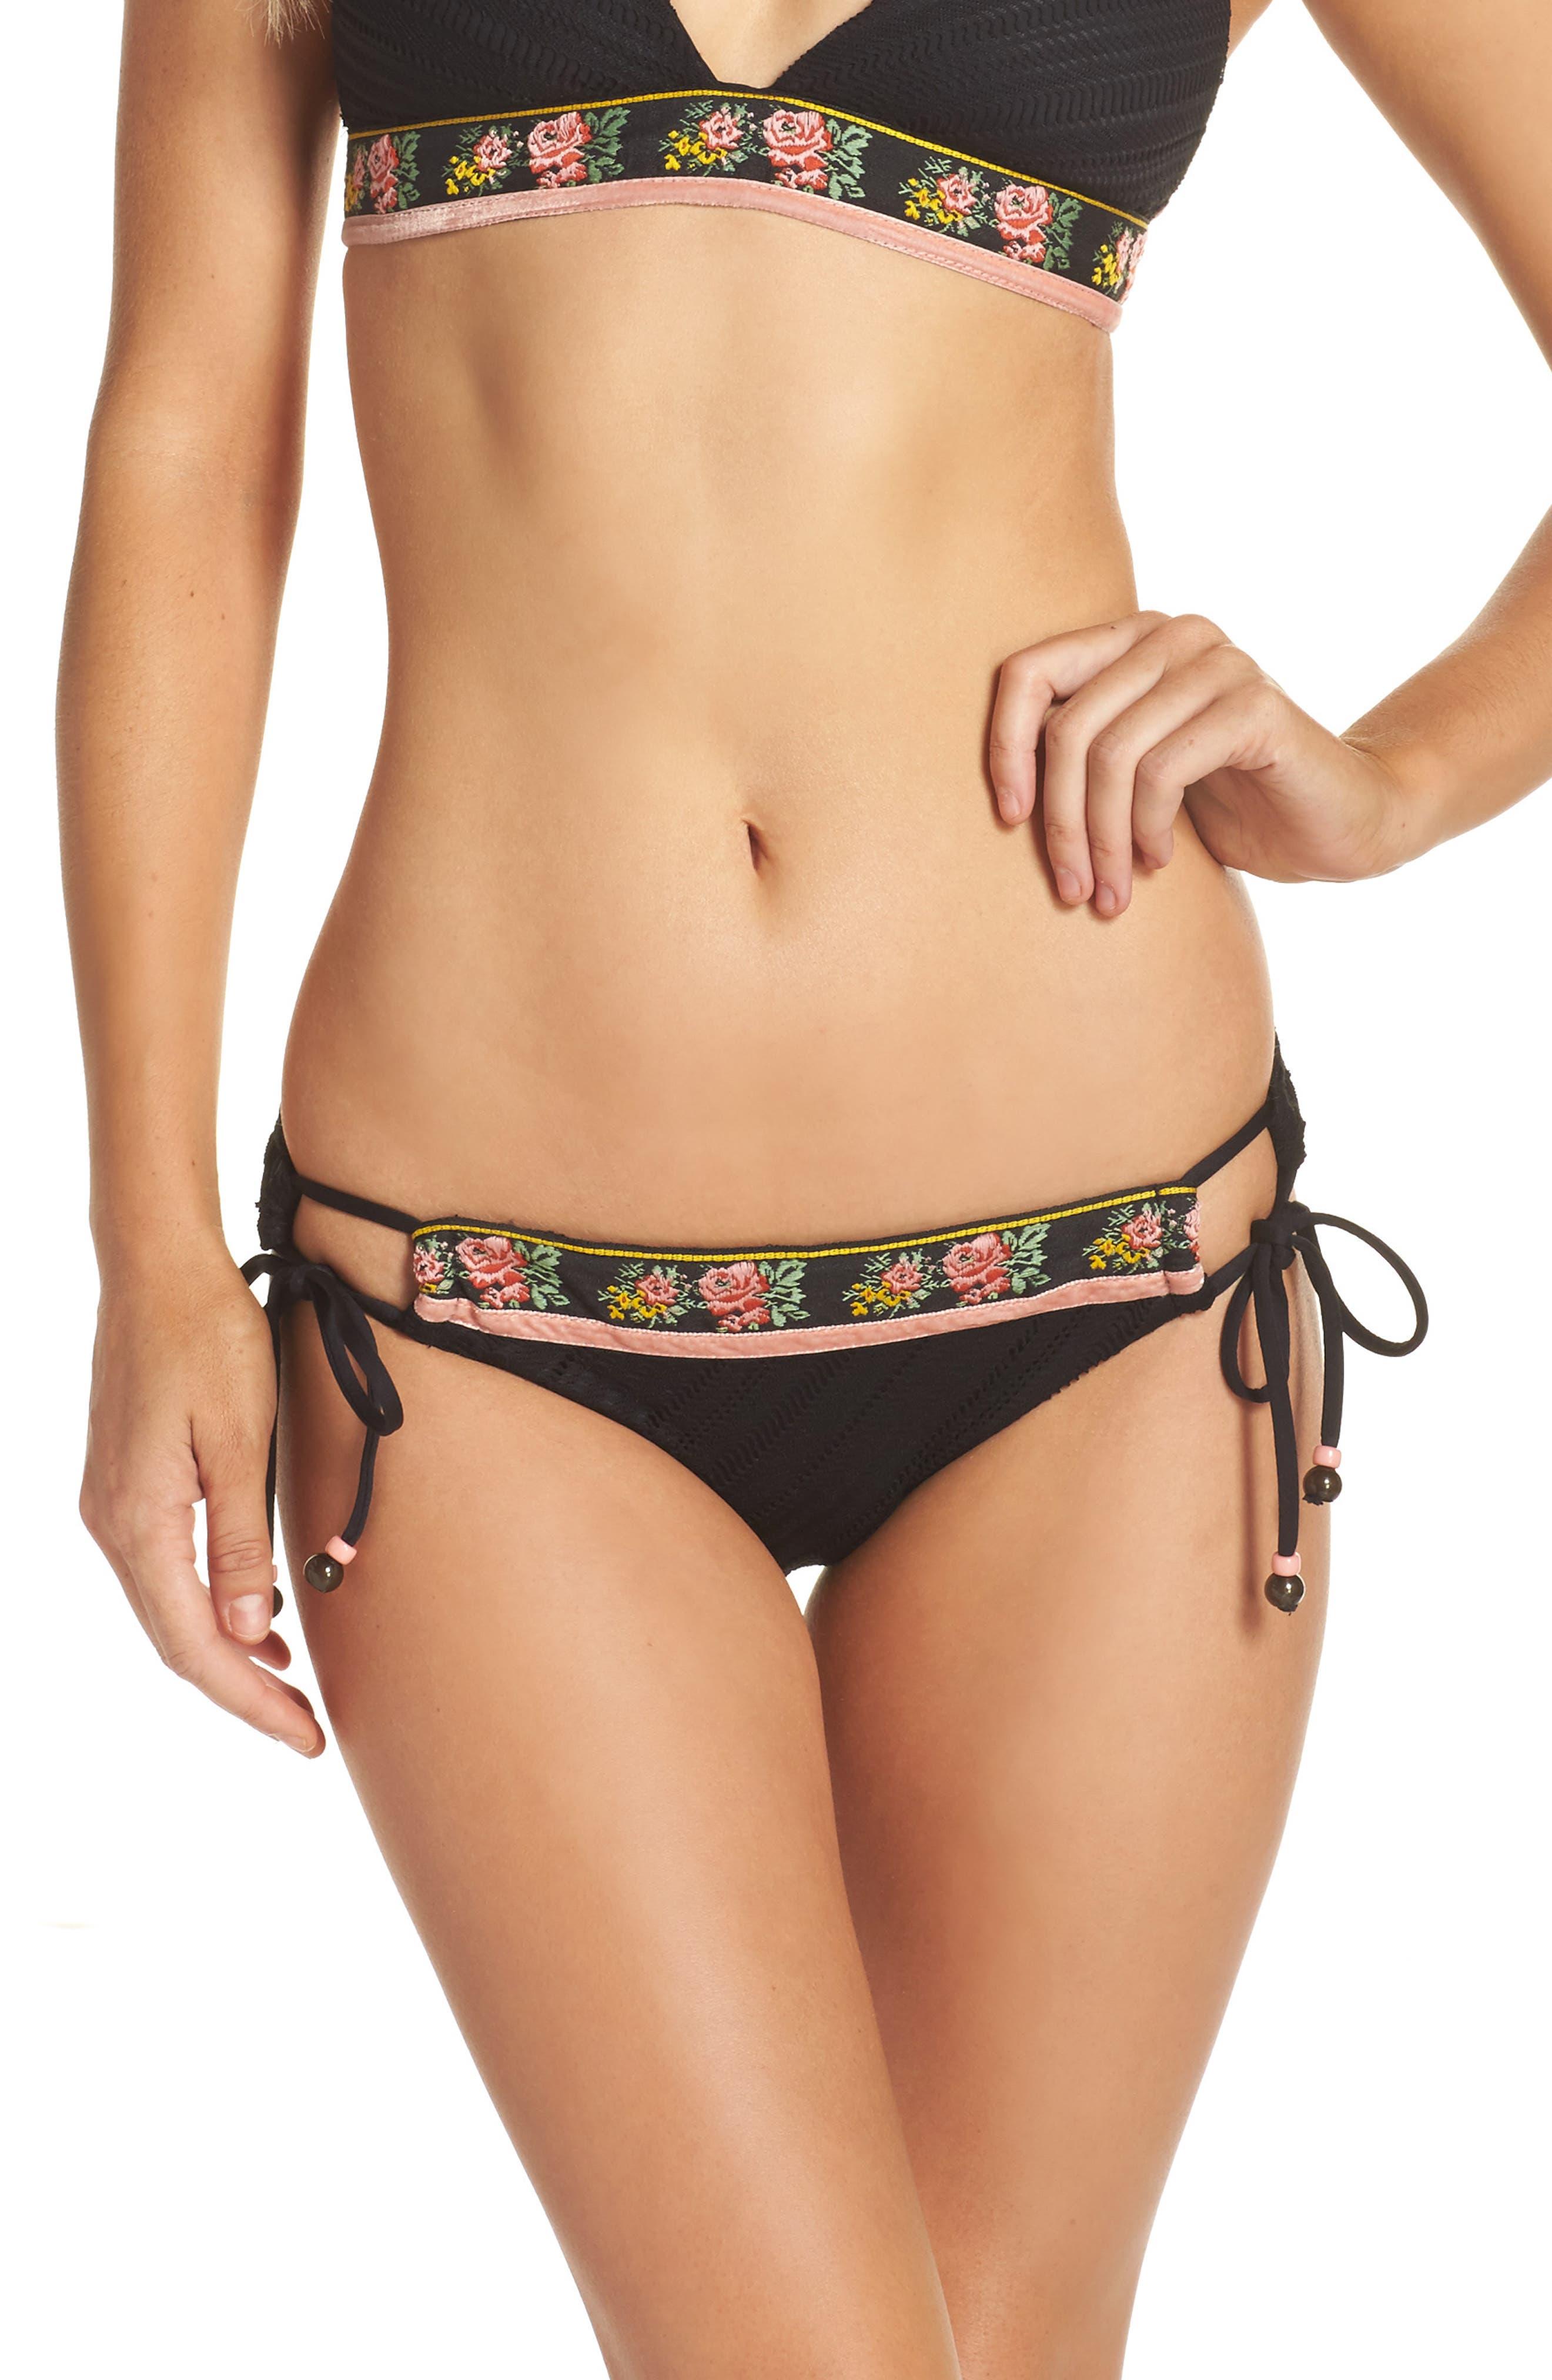 Fortune Teller Bikini Bottoms,                             Main thumbnail 1, color,                             Black